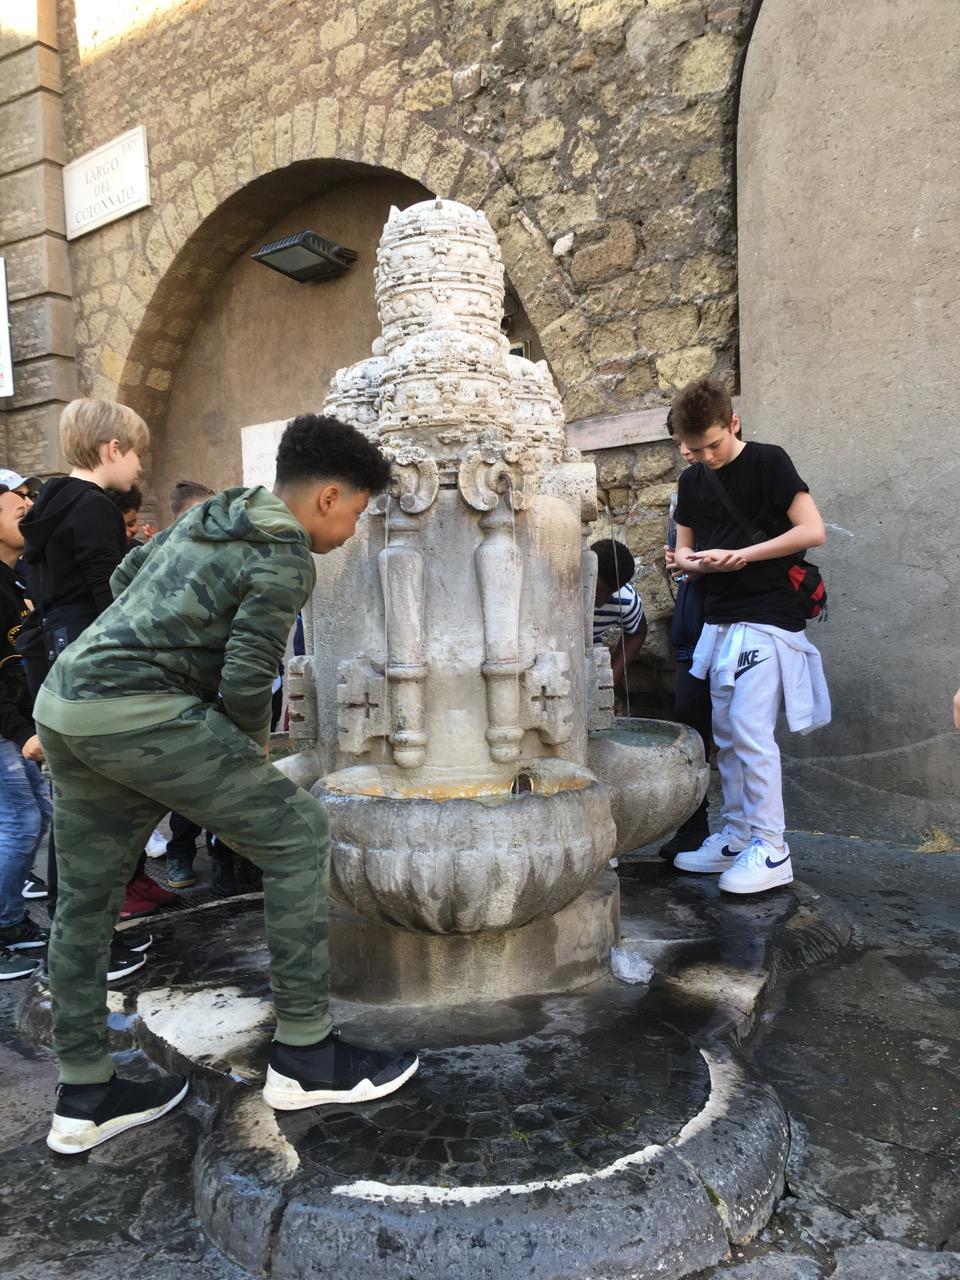 罗马随处可见的喷泉,可以直接喝